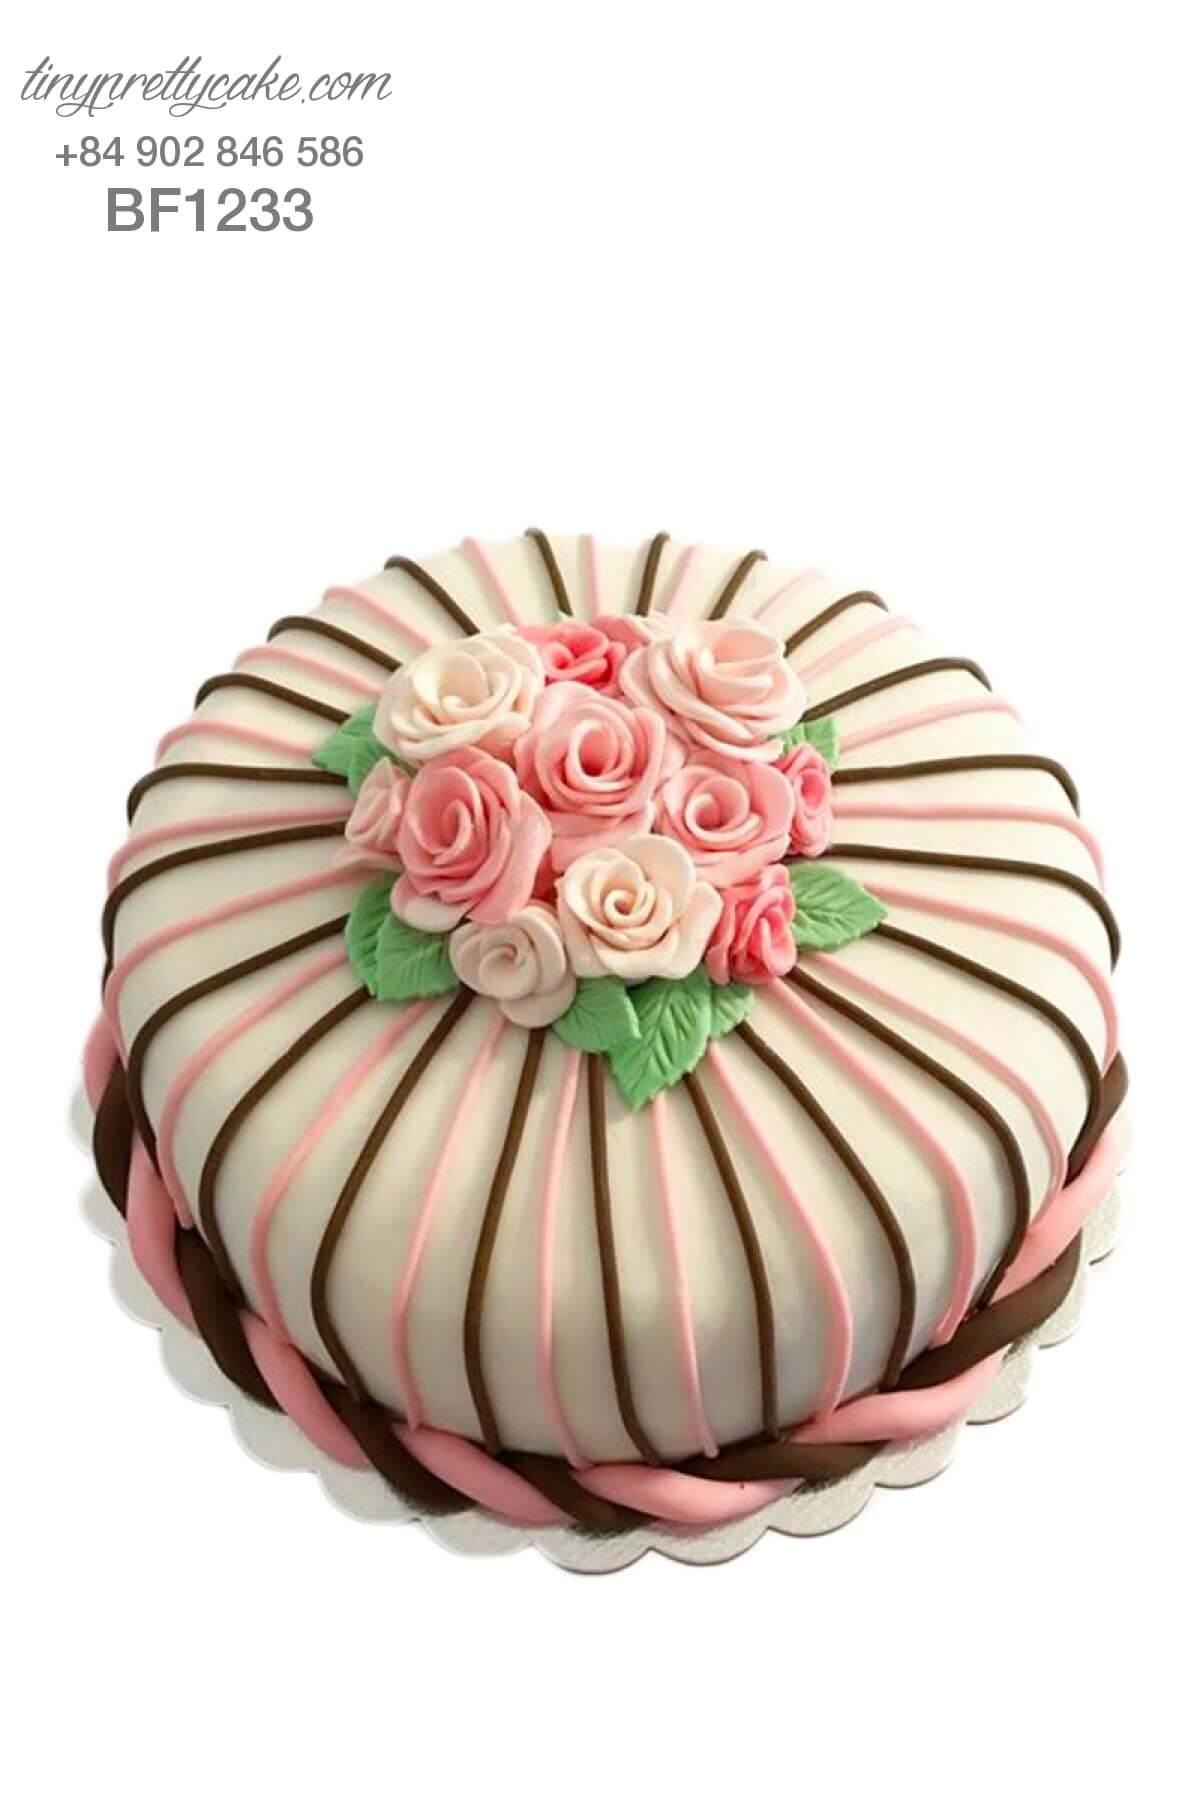 bánh gato hoa hồng dành cho phụ nữ